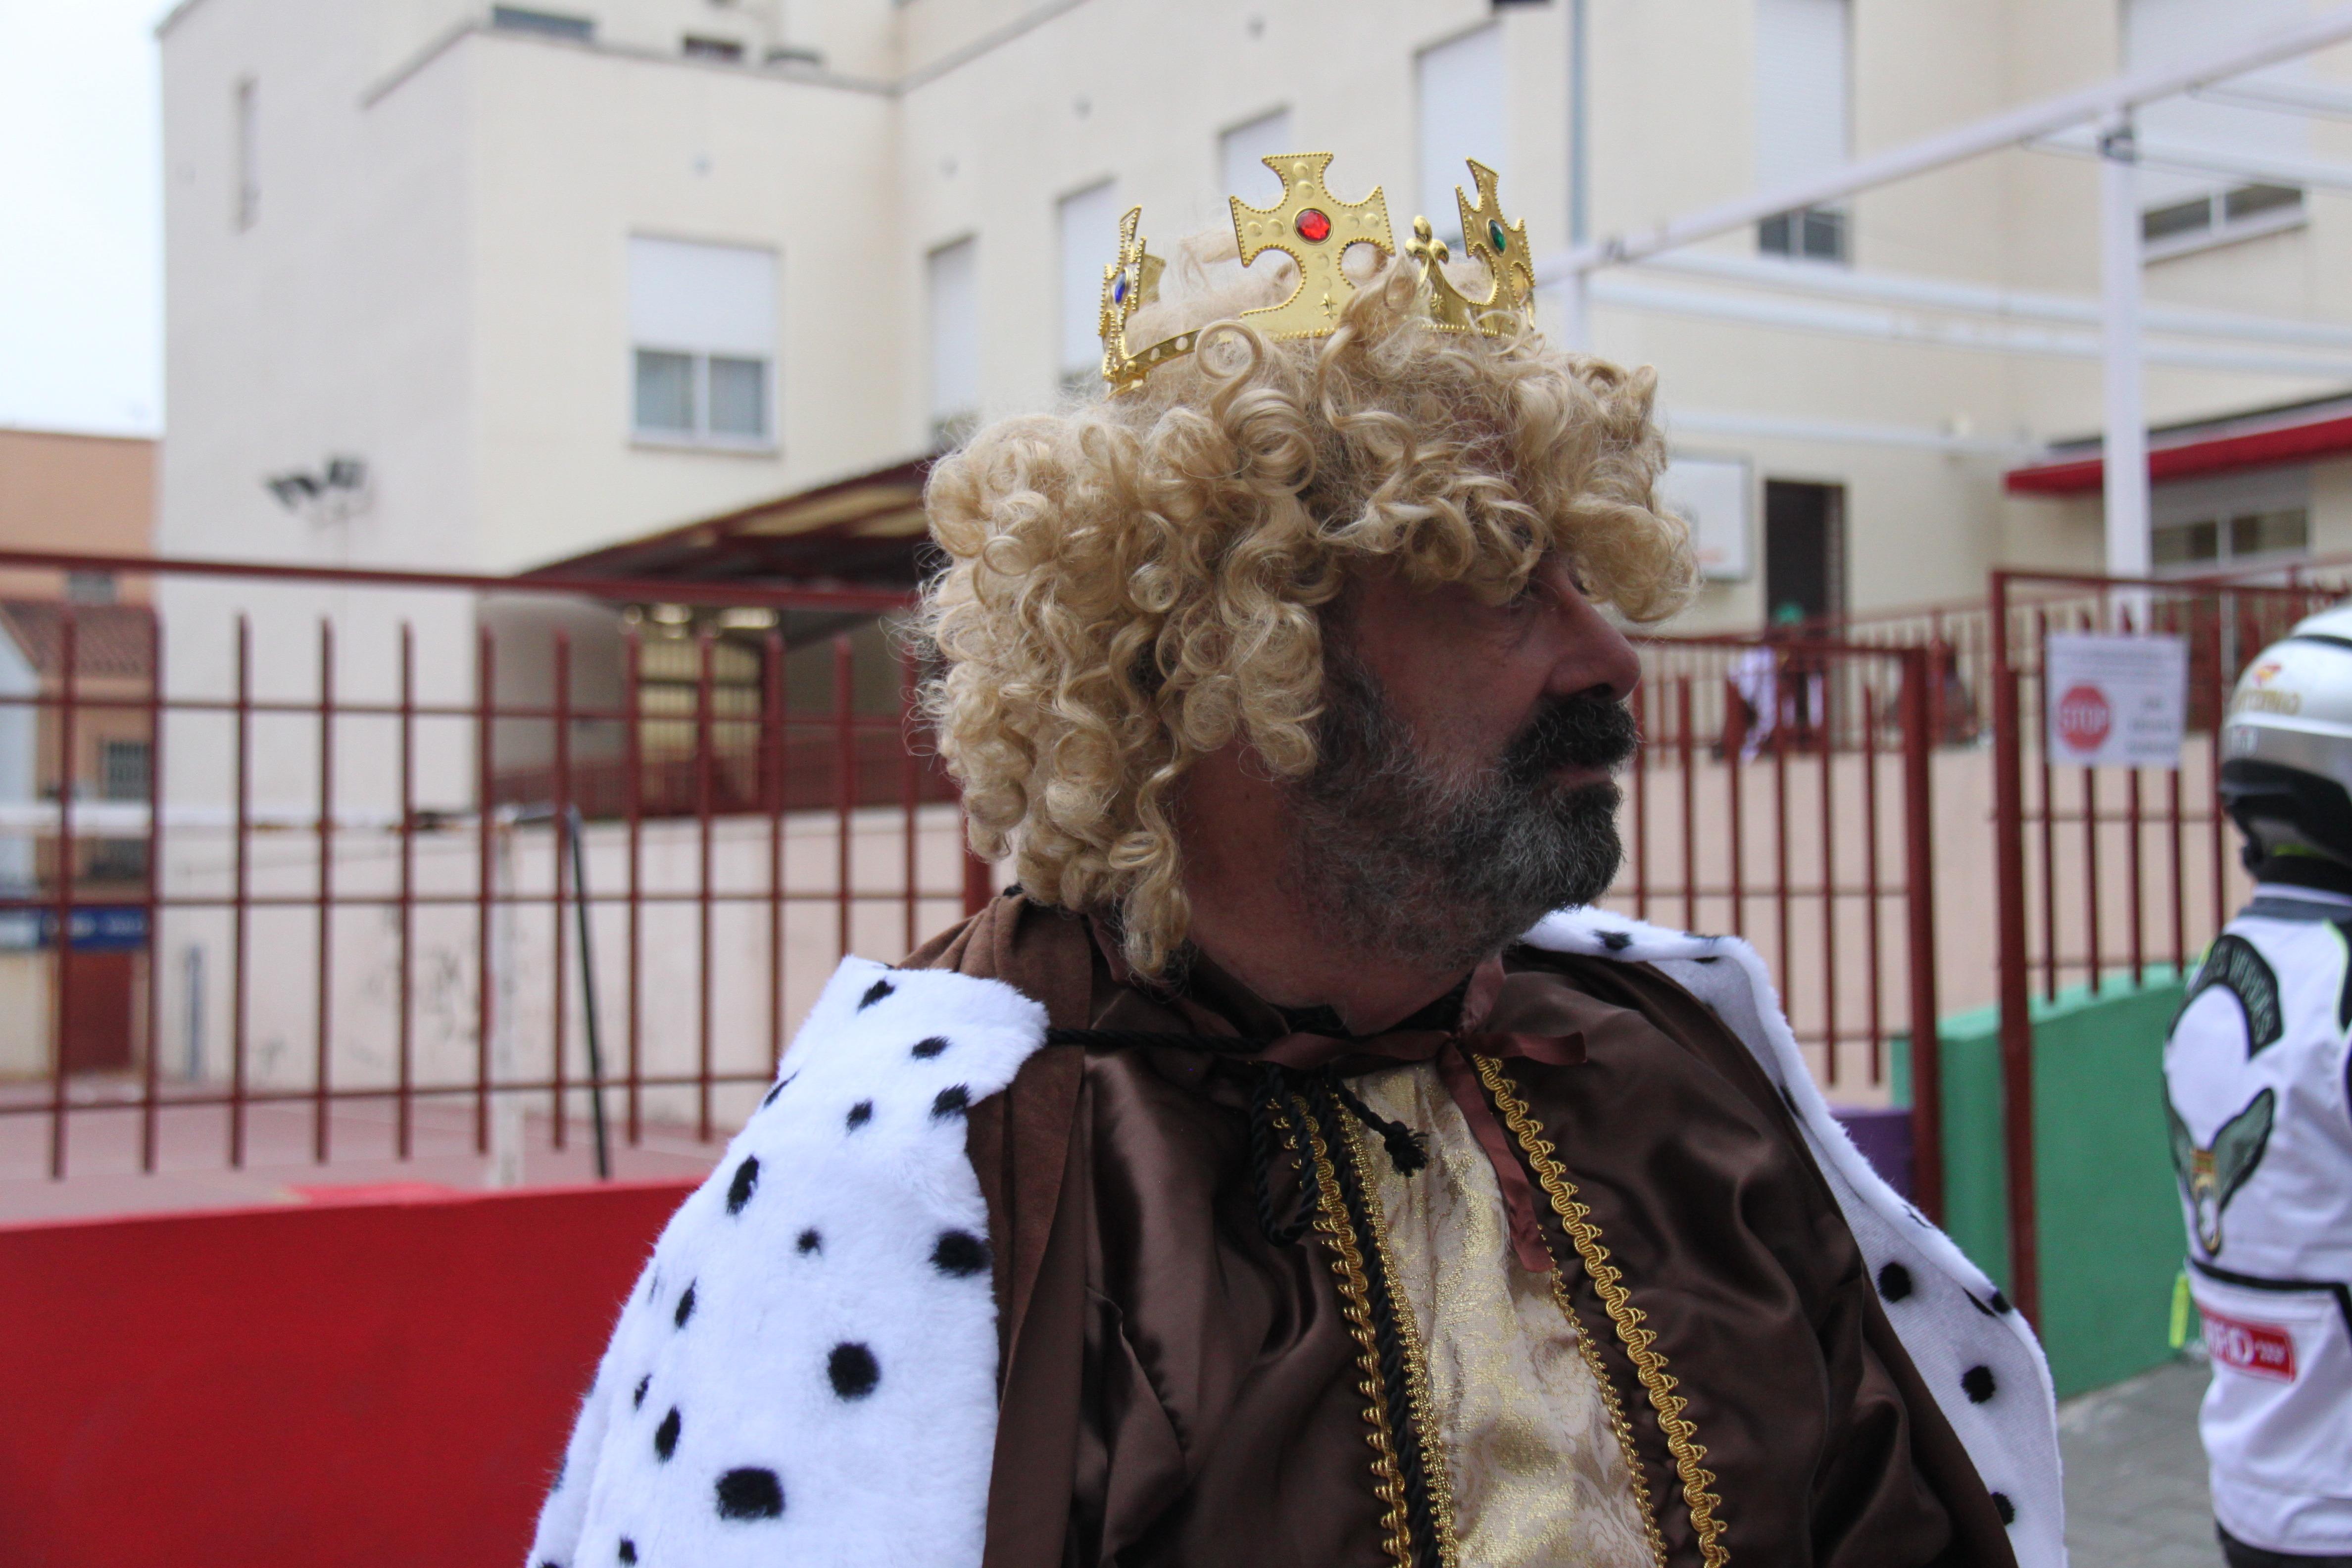 Visita de sus Majestades los Reyes Magos al colegio Luis Bello en moto 2018 3